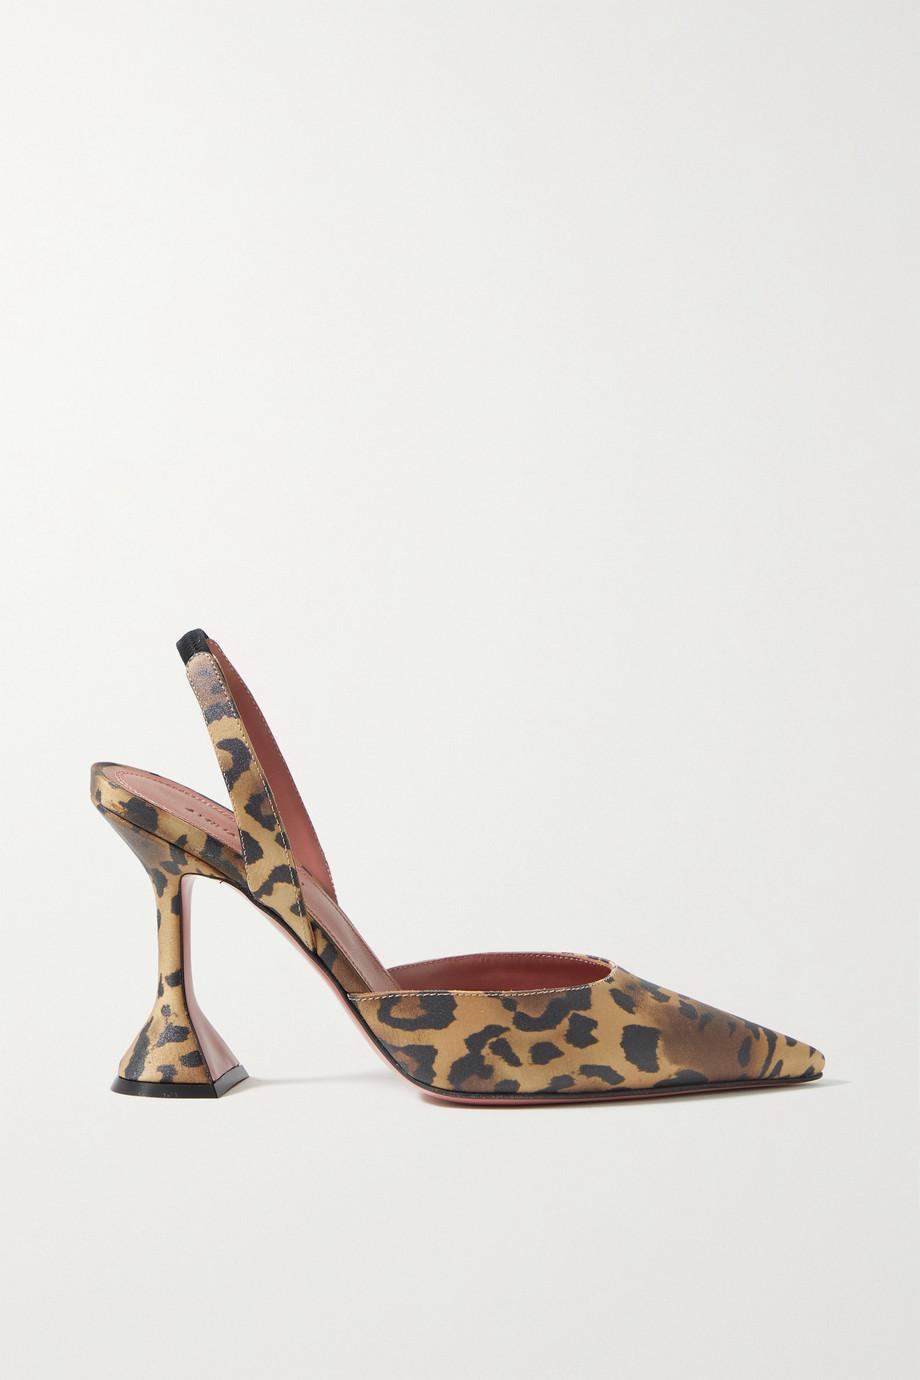 Amina Muaddi Holli Slingback-Pumps aus Satin mit Leopardenprint